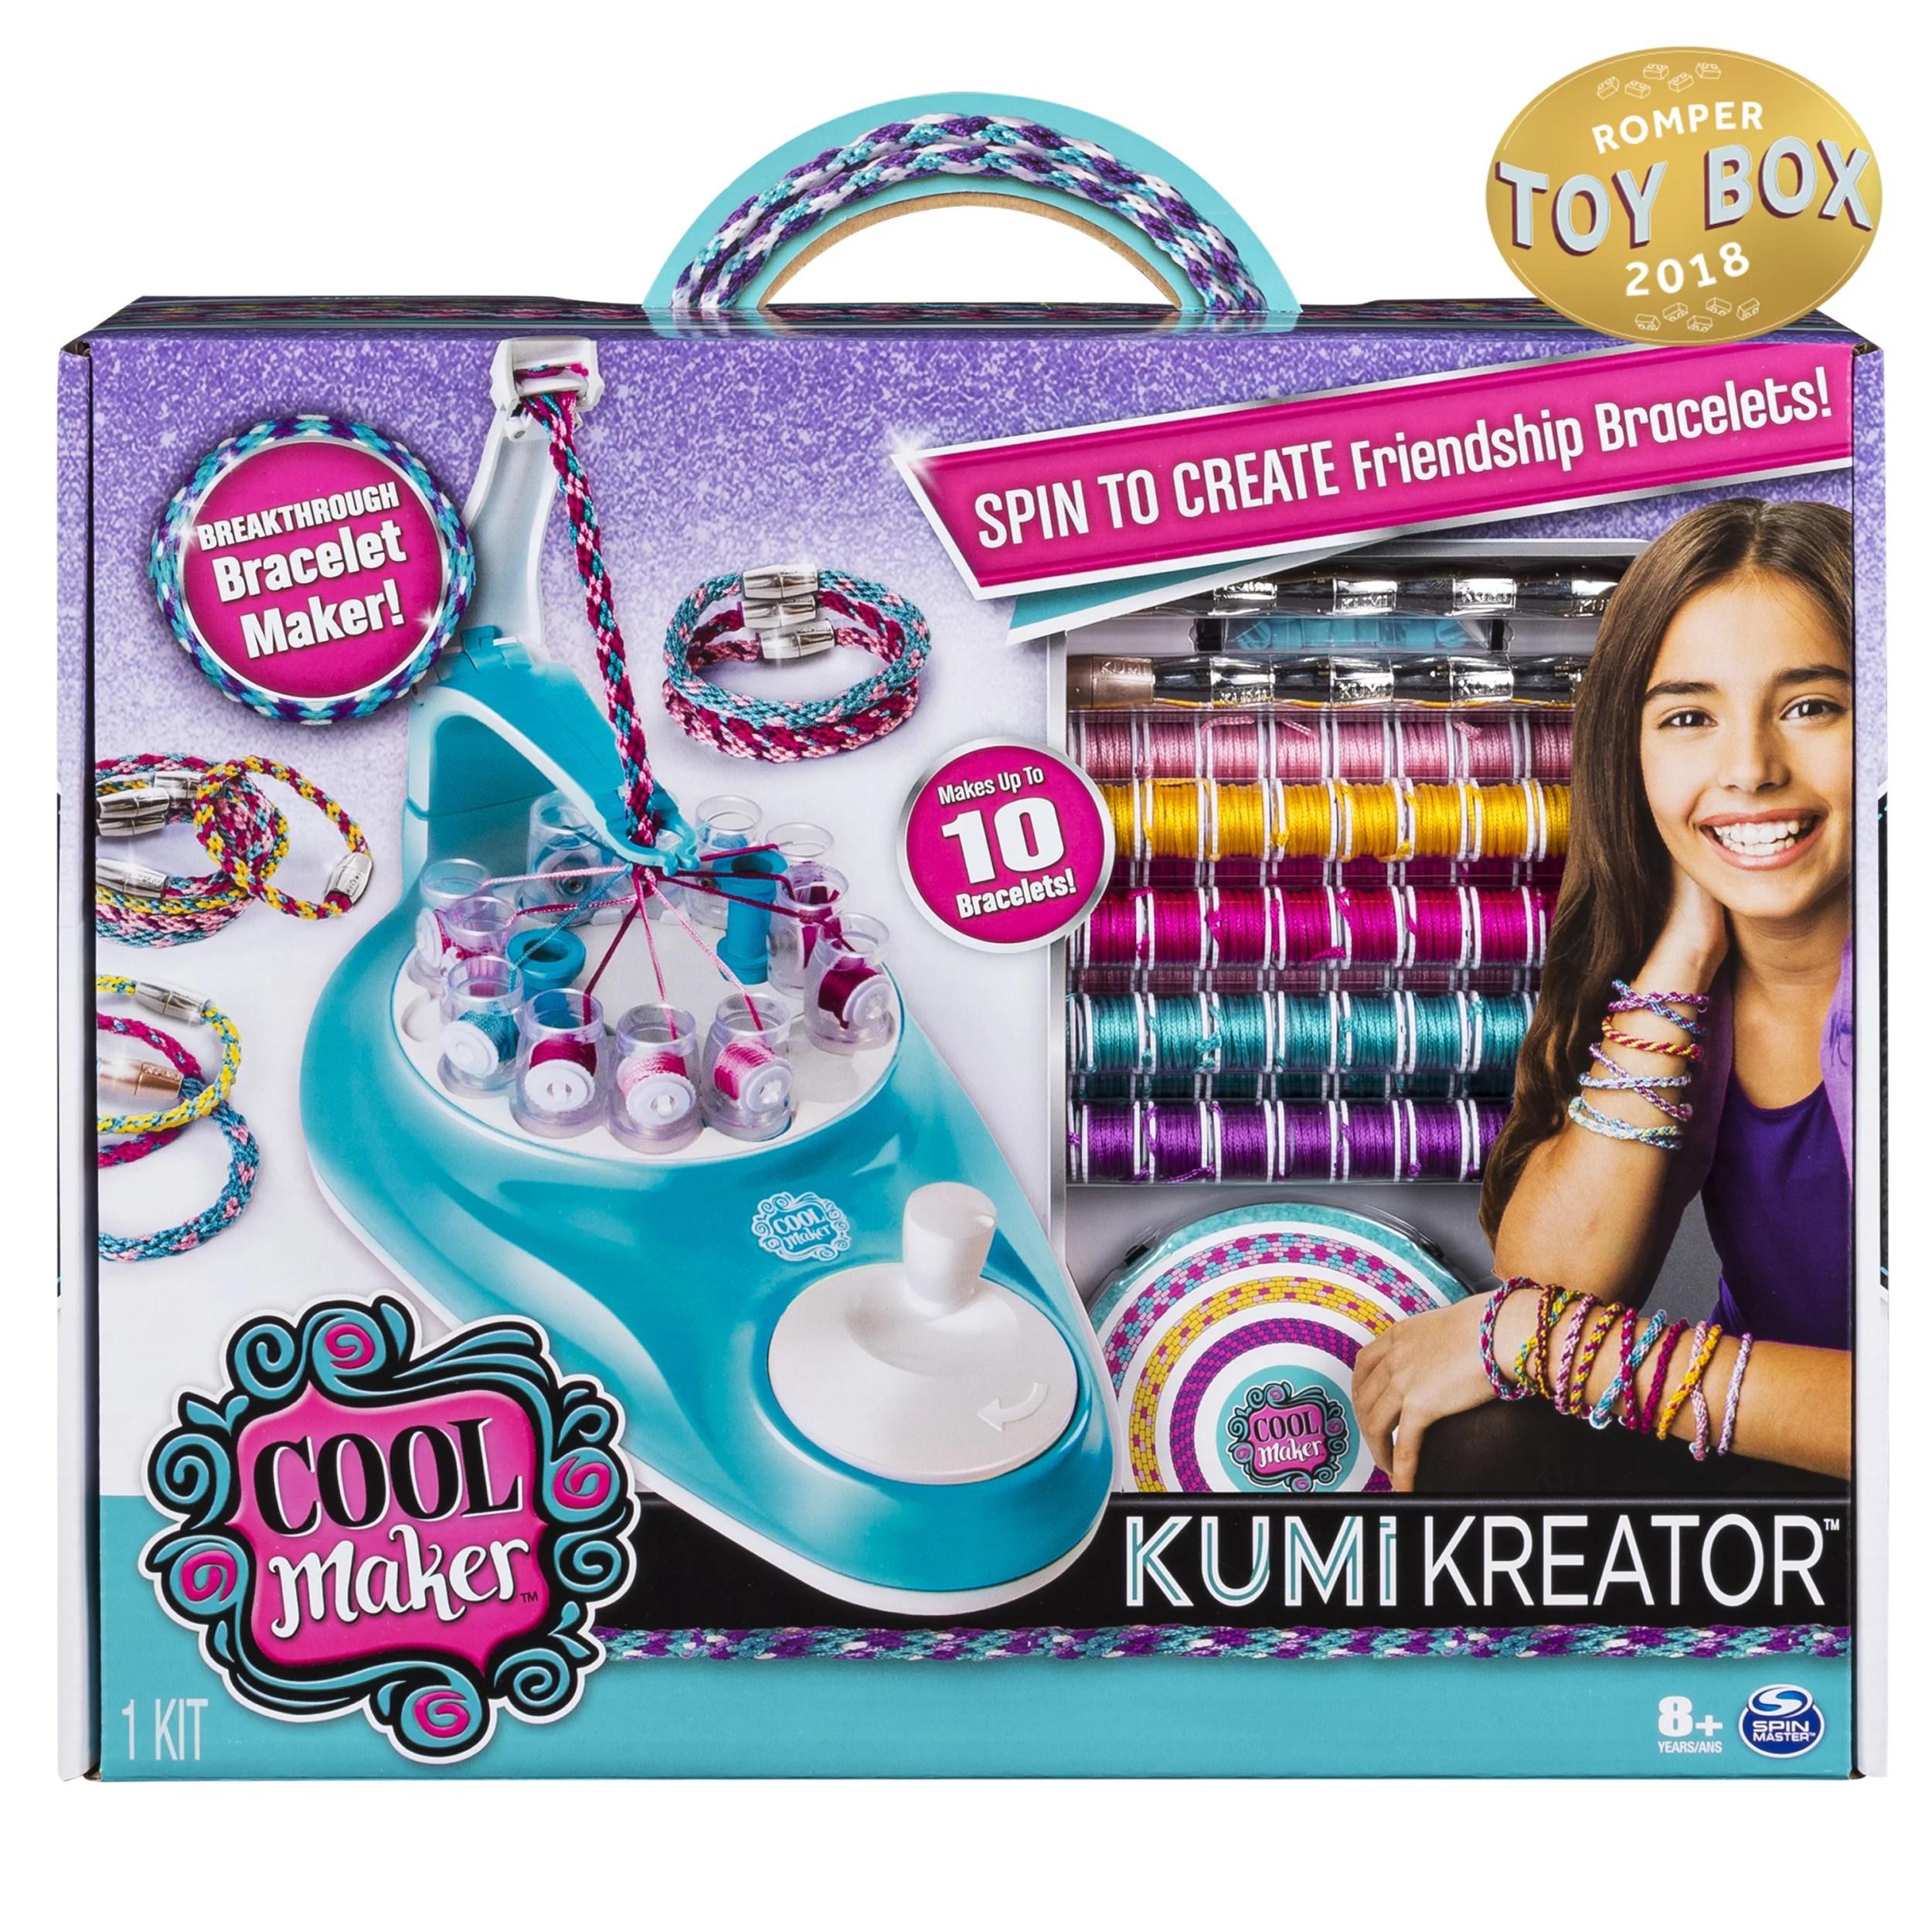 Cool Maker Kumikreator Friendship Bracelet Maker Kit For